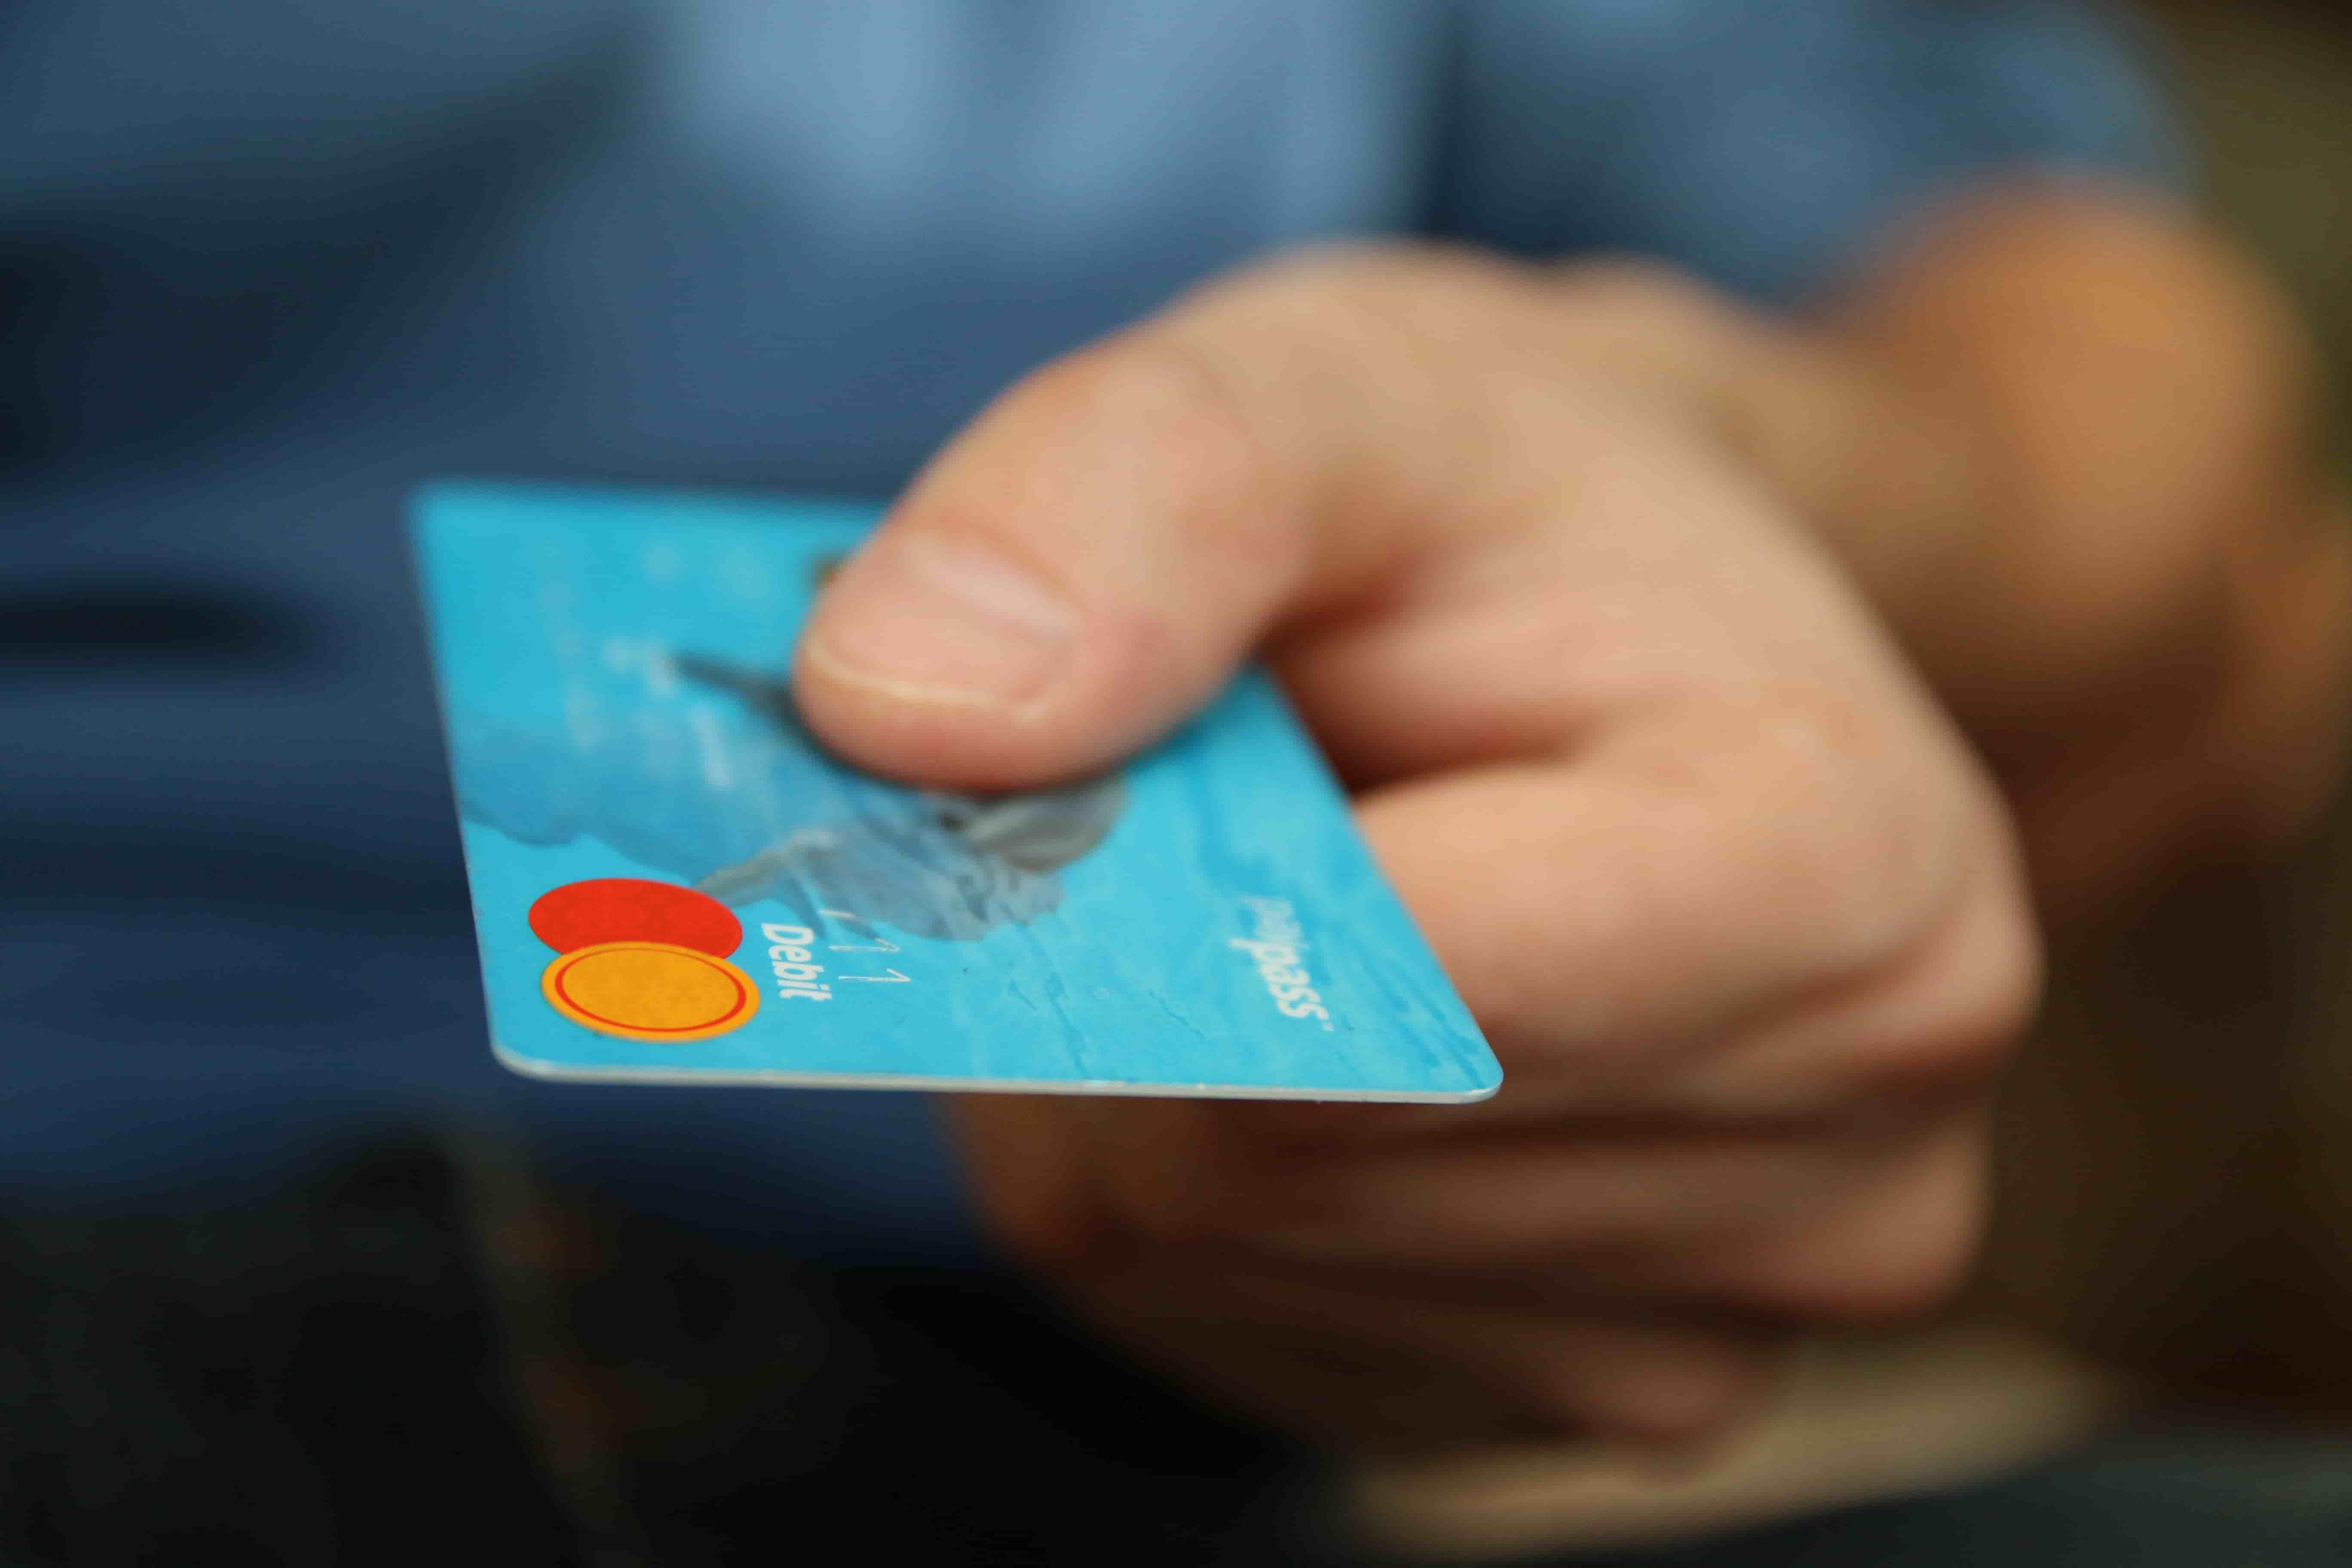 Thẻ tín dụng có miễn phí không?